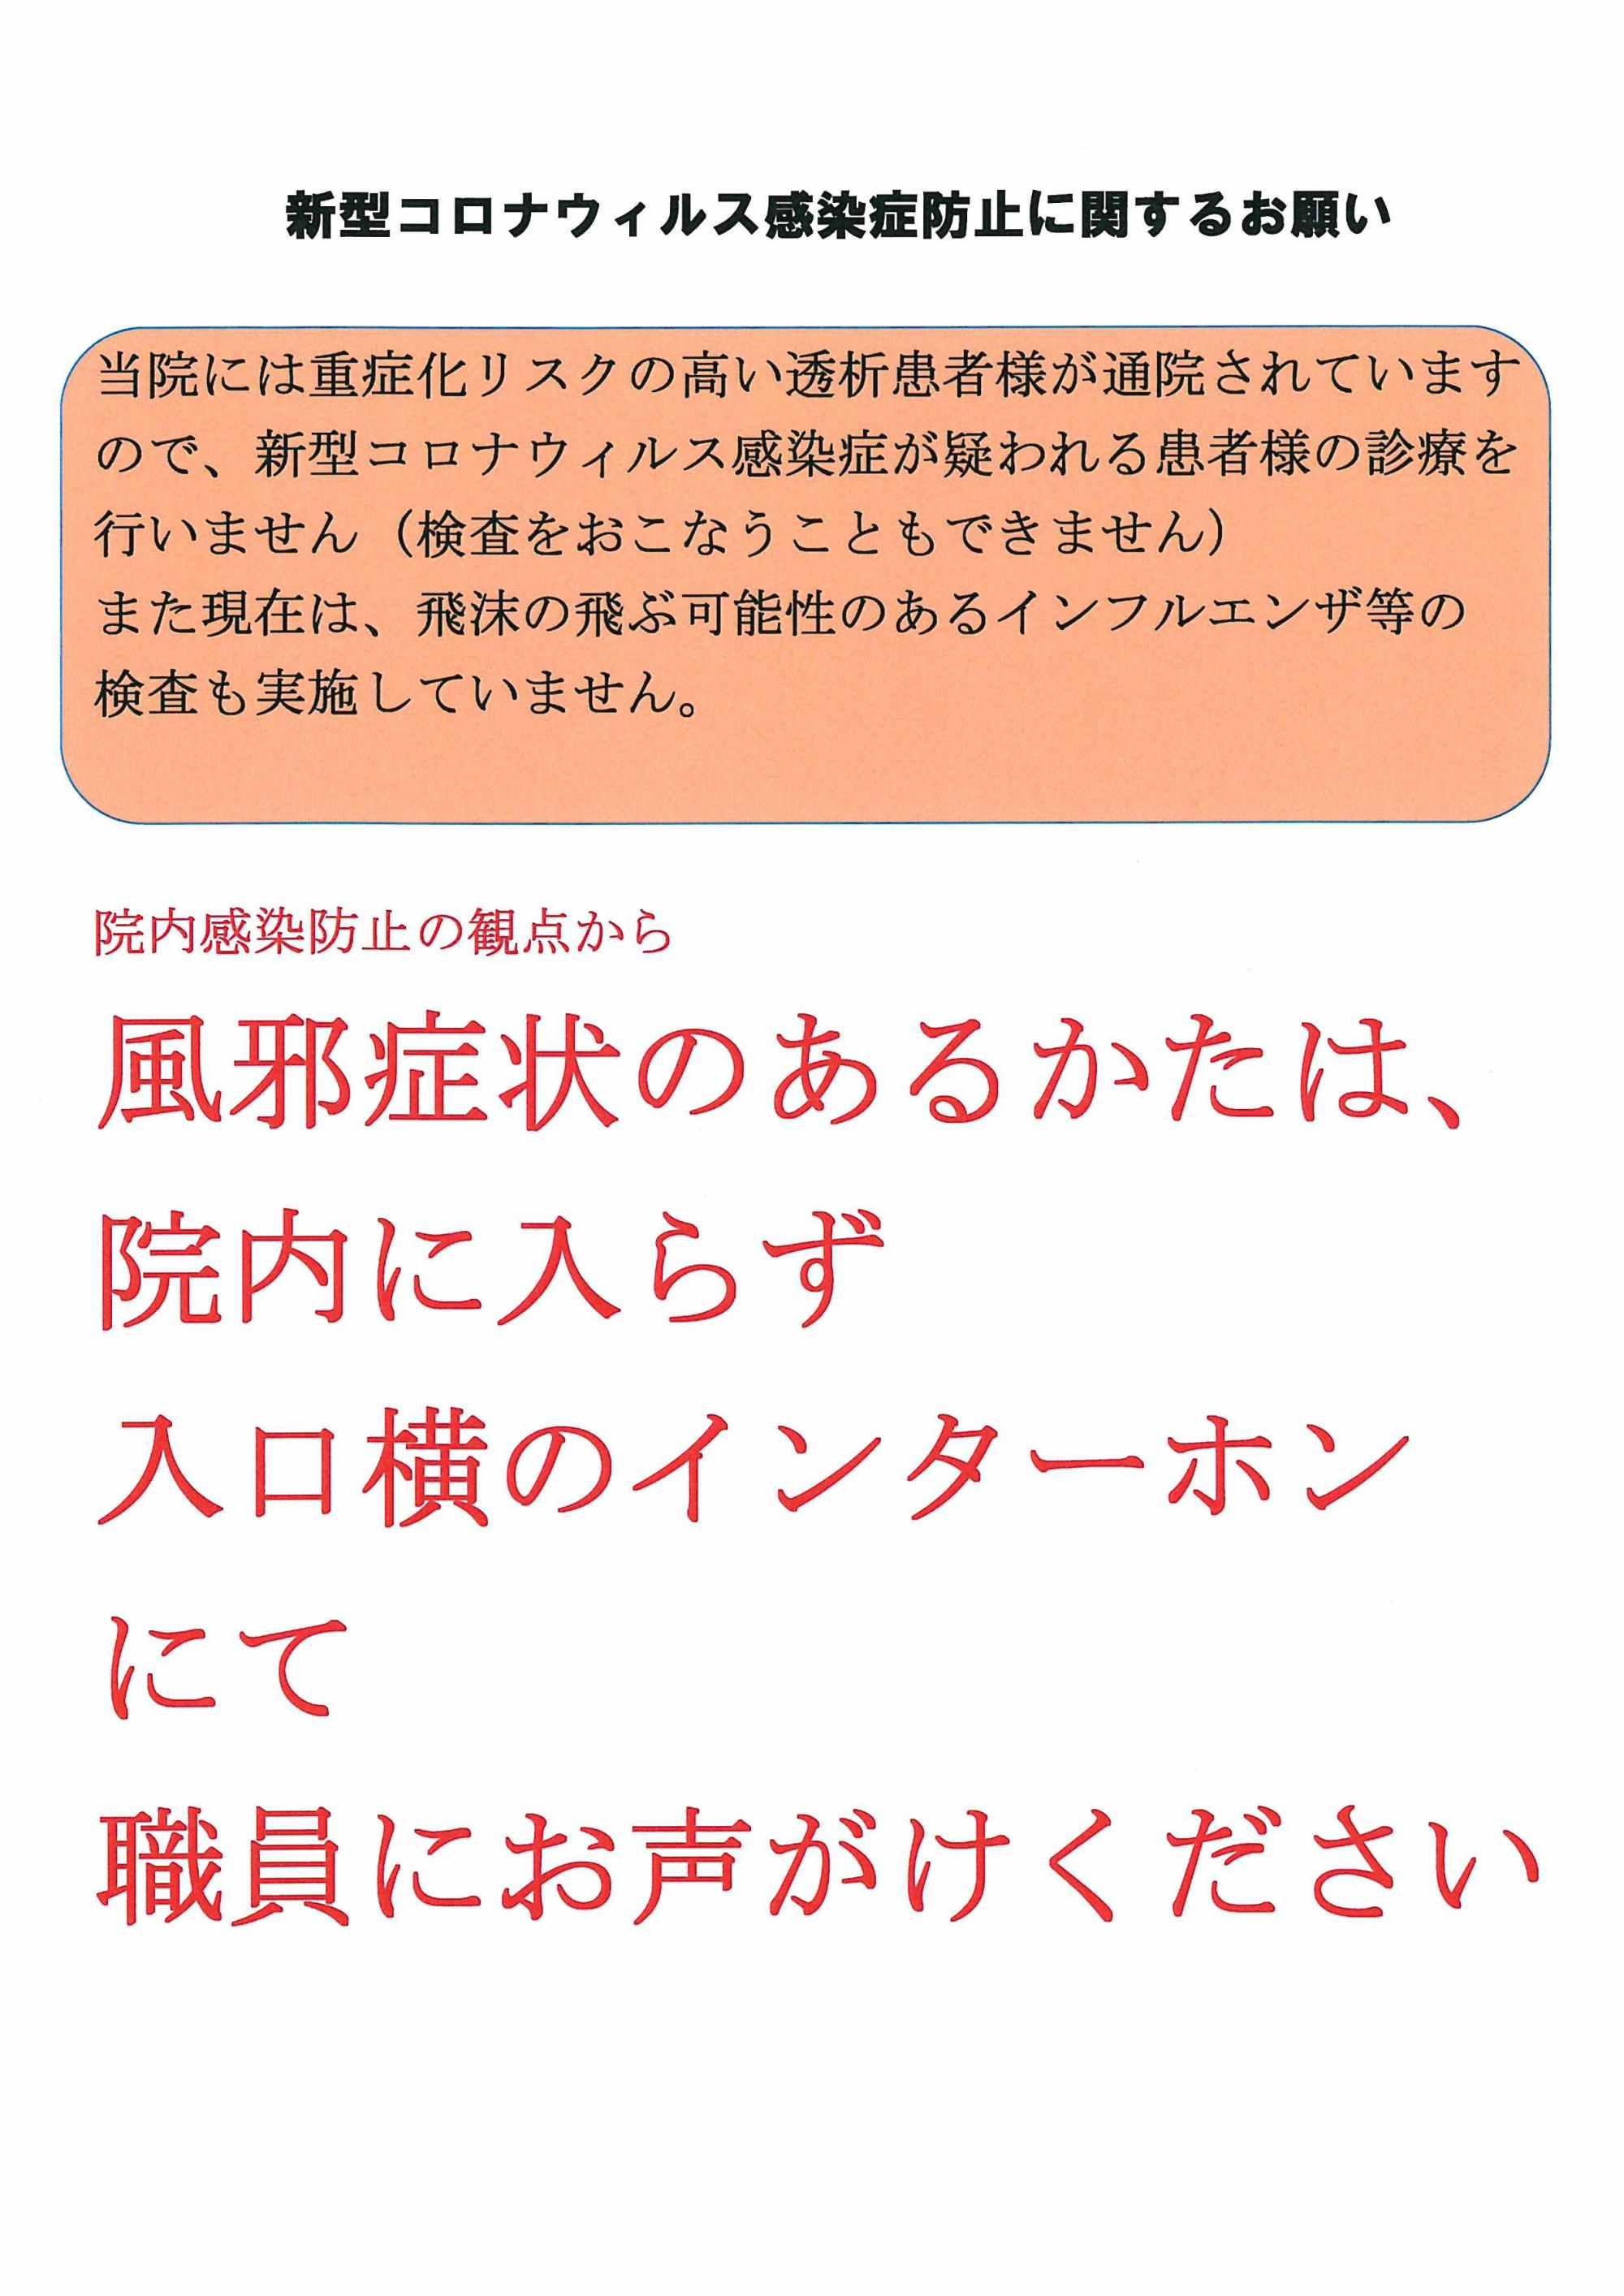 奈良 県 コロナ 感染 者 香芝 市